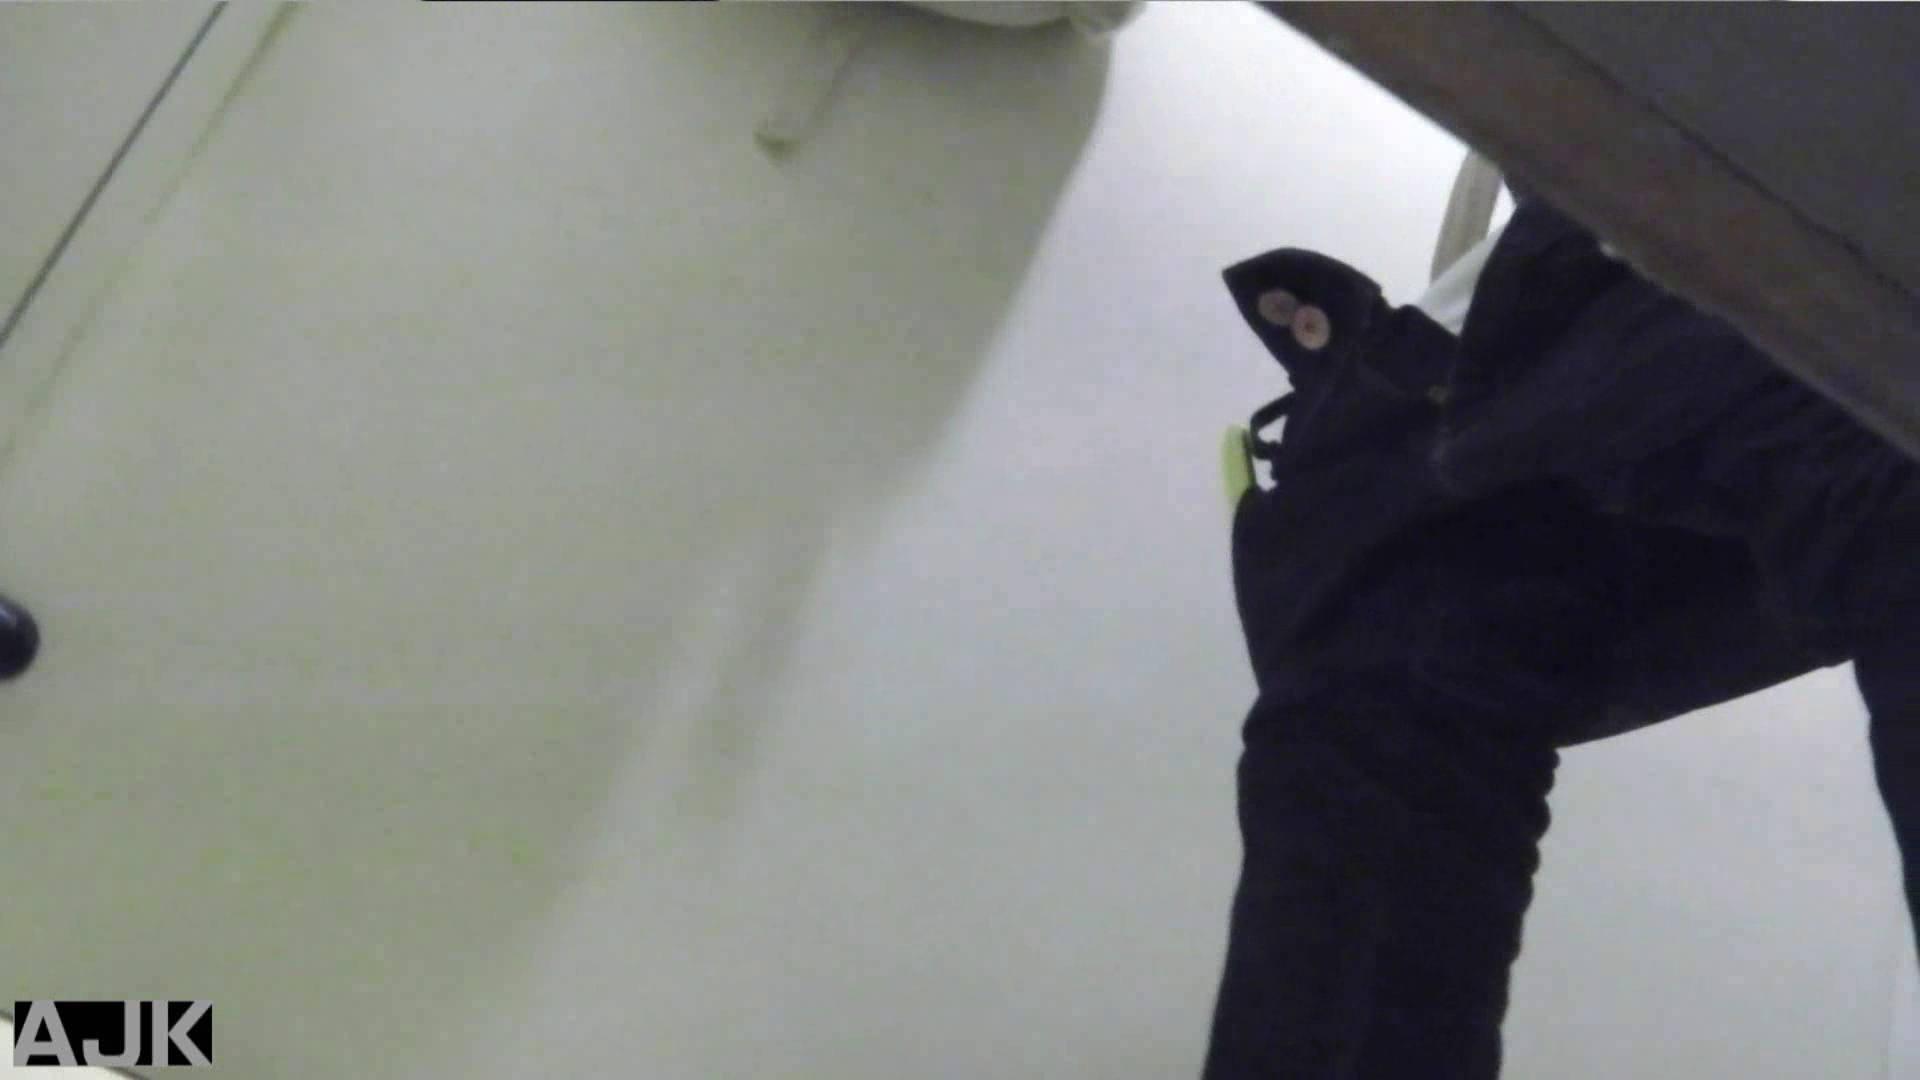 隣国上階級エリアの令嬢たちが集うデパートお手洗い Vol.29 盗撮編 AV無料動画キャプチャ 108枚 91